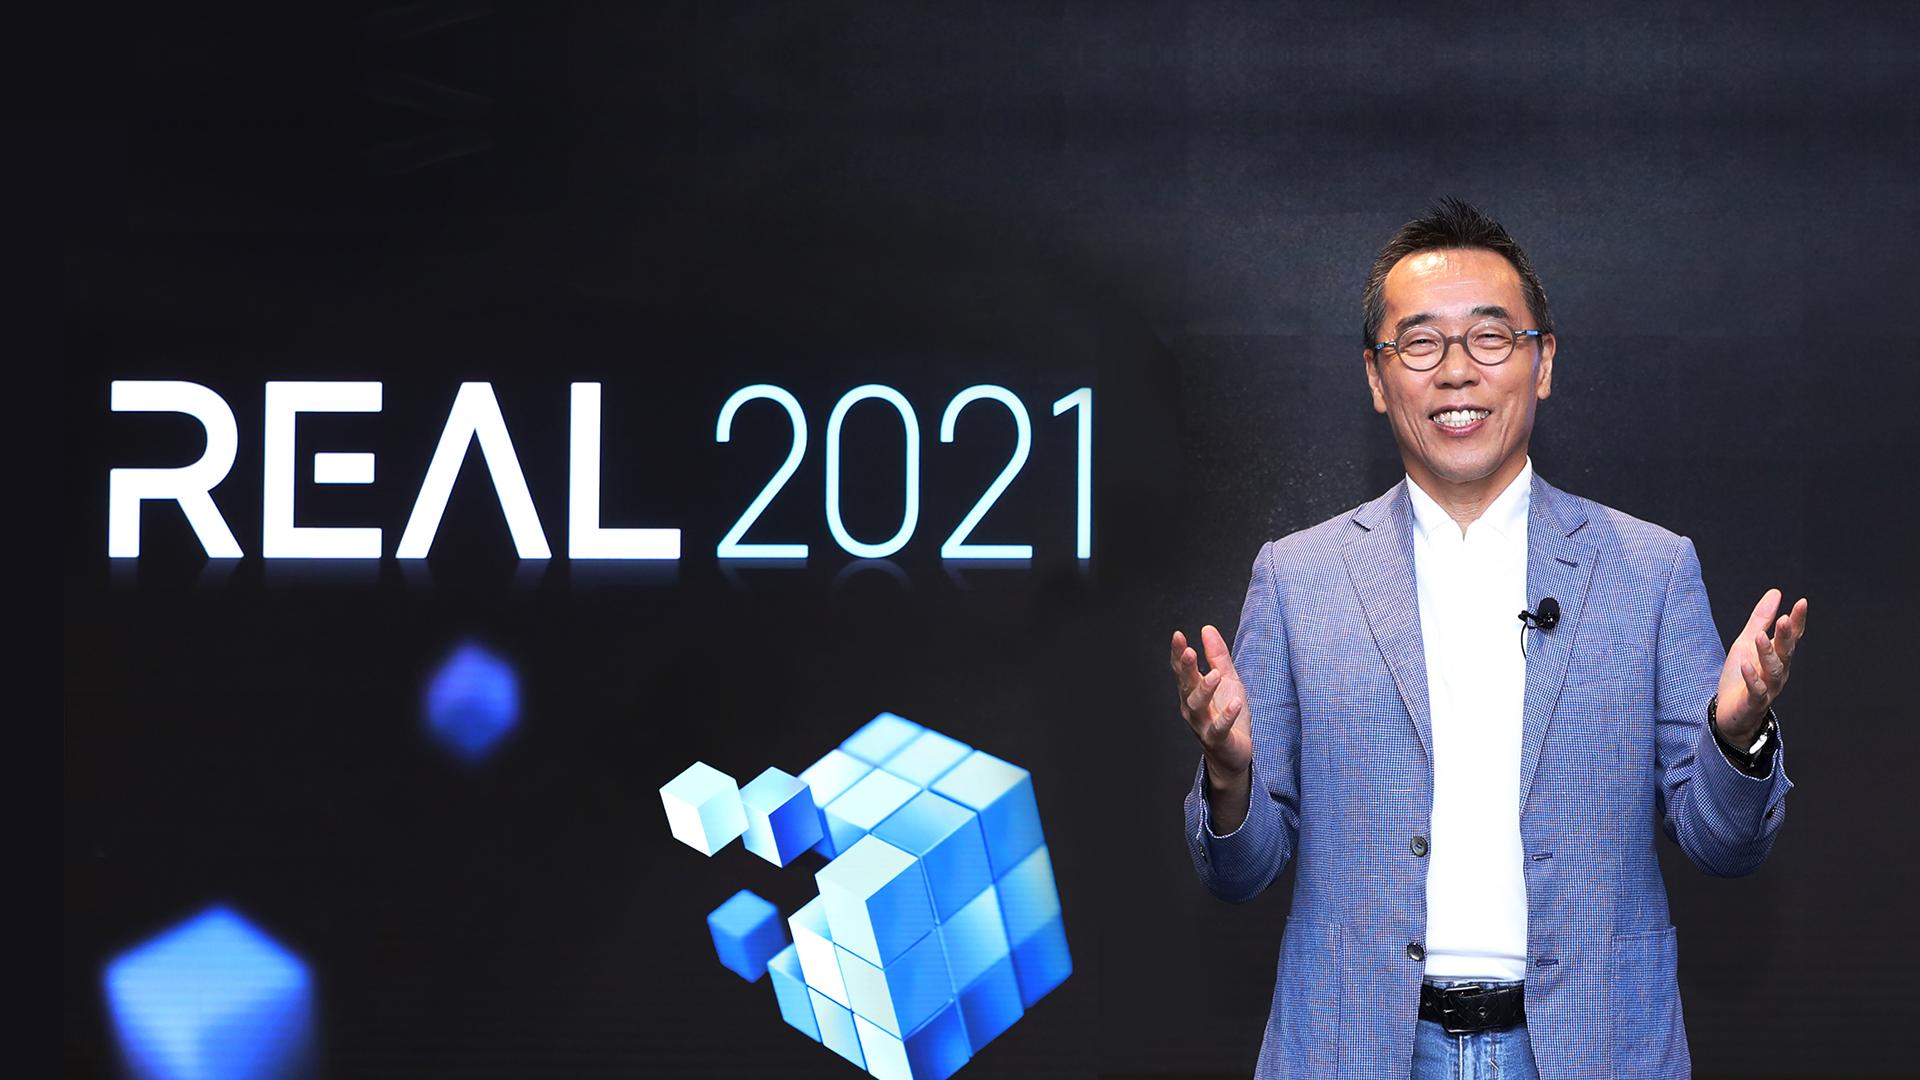 삼성SDS 온라인 컨퍼런스 Real 2021,  Digital Transformation as a Service